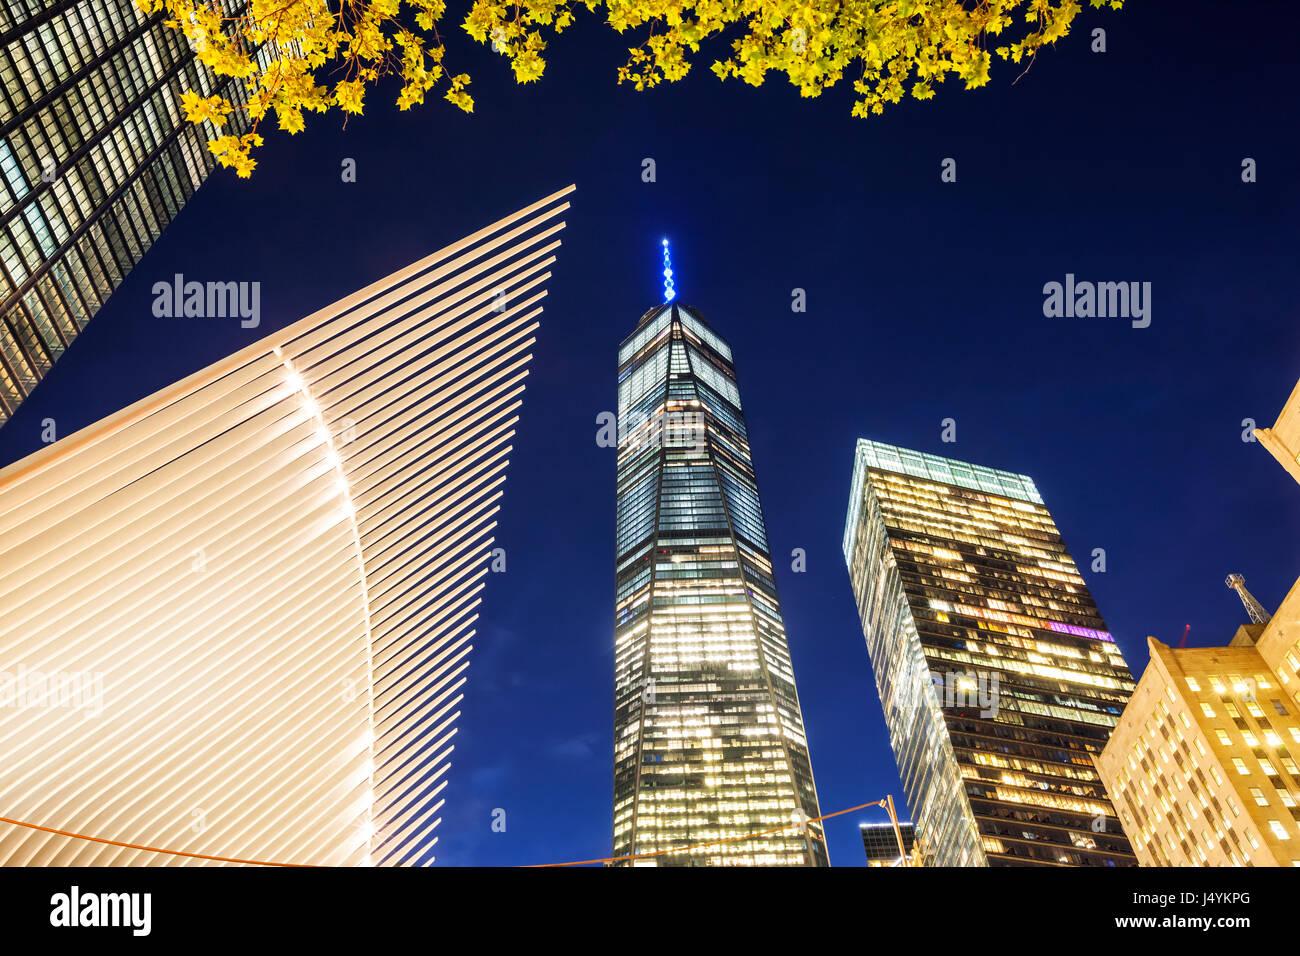 El One World Trade Center en la noche Imagen De Stock